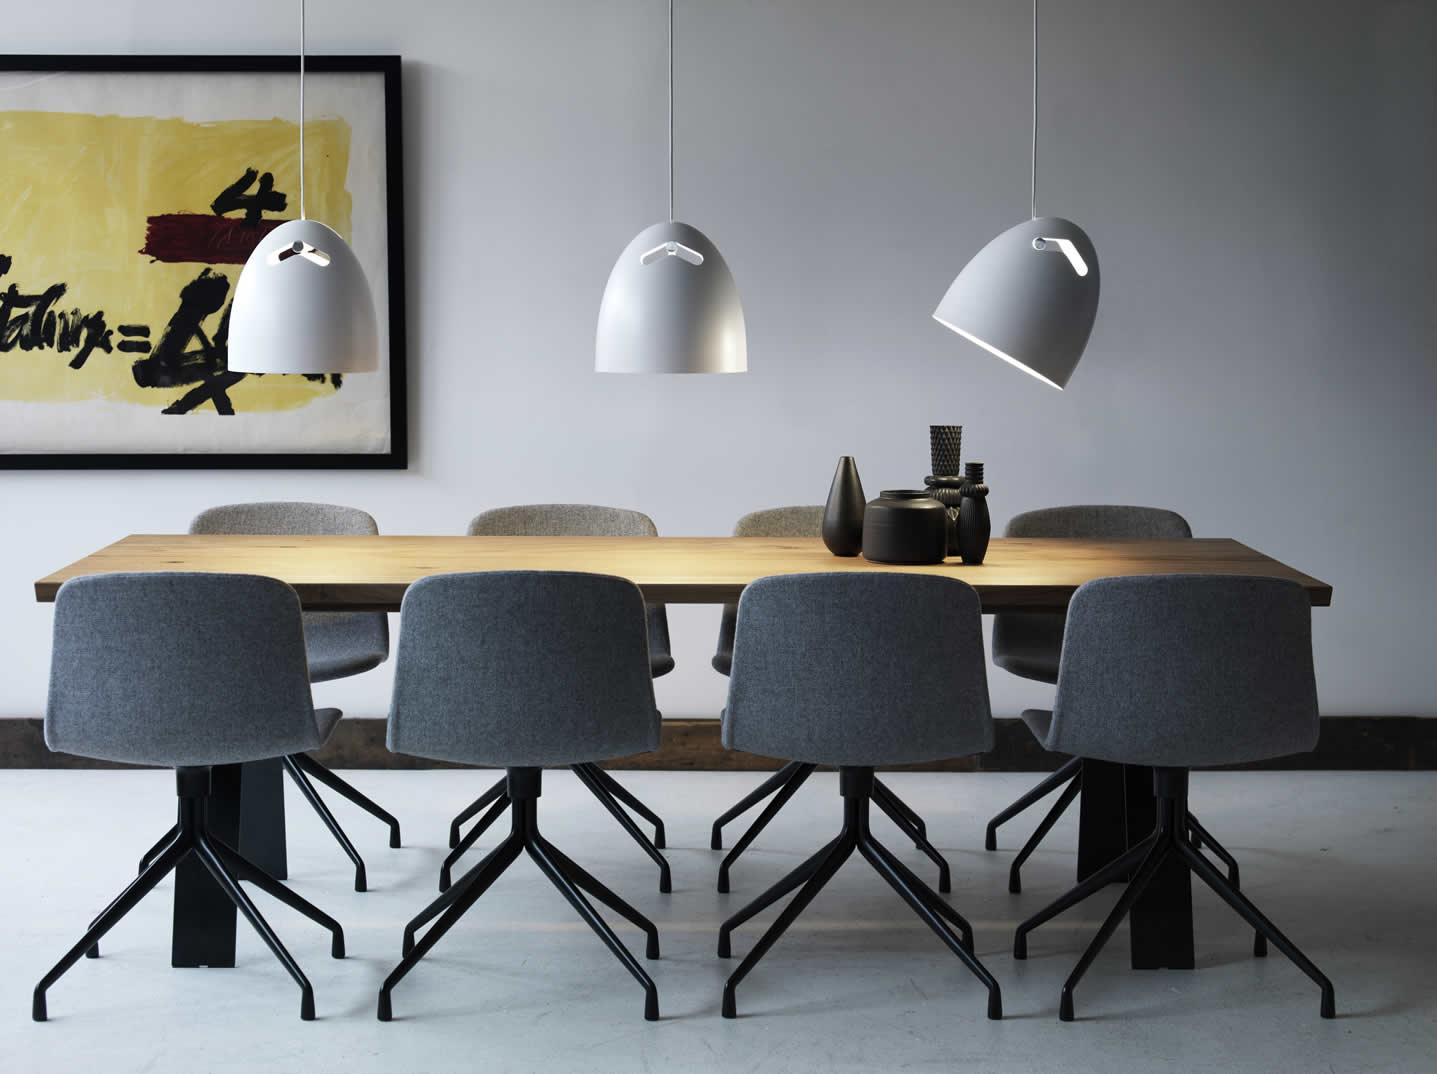 Nieuw Design hanglamp ideaal voor boven de eettafel FP-45